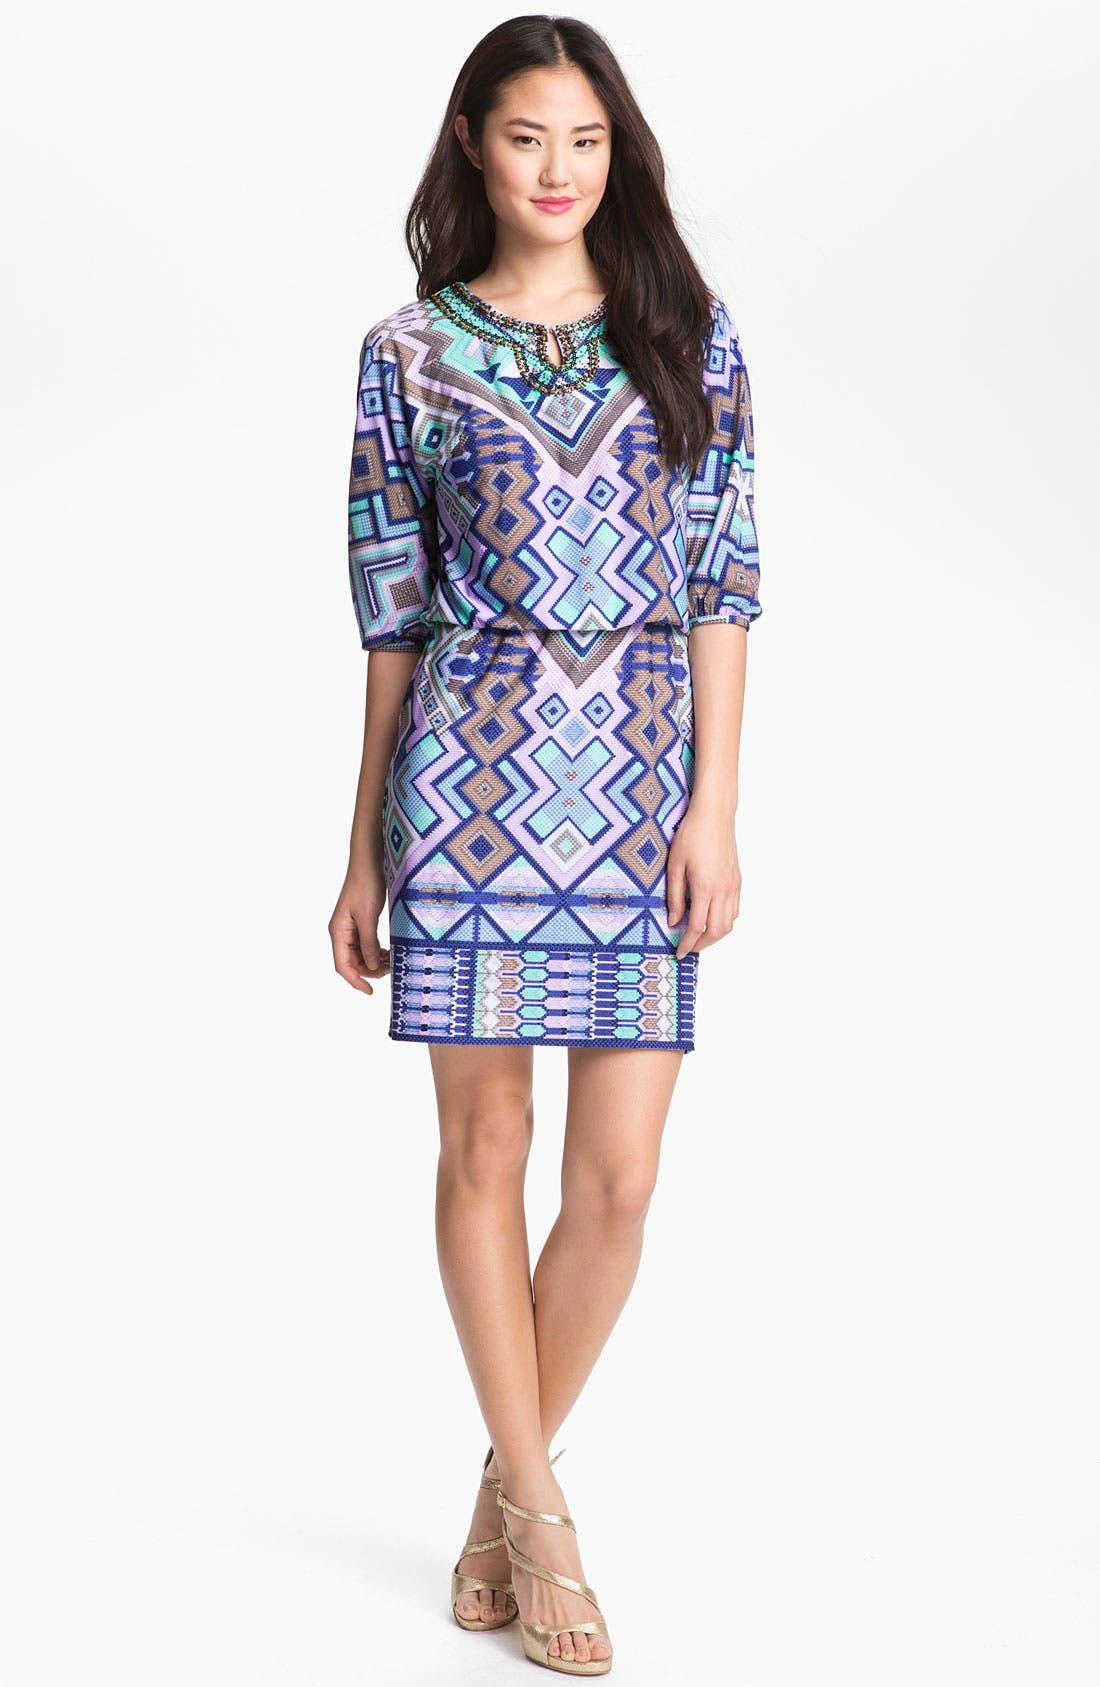 Alternate Image 1 Selected - Donna Morgan Embellished Print Blouson Dress